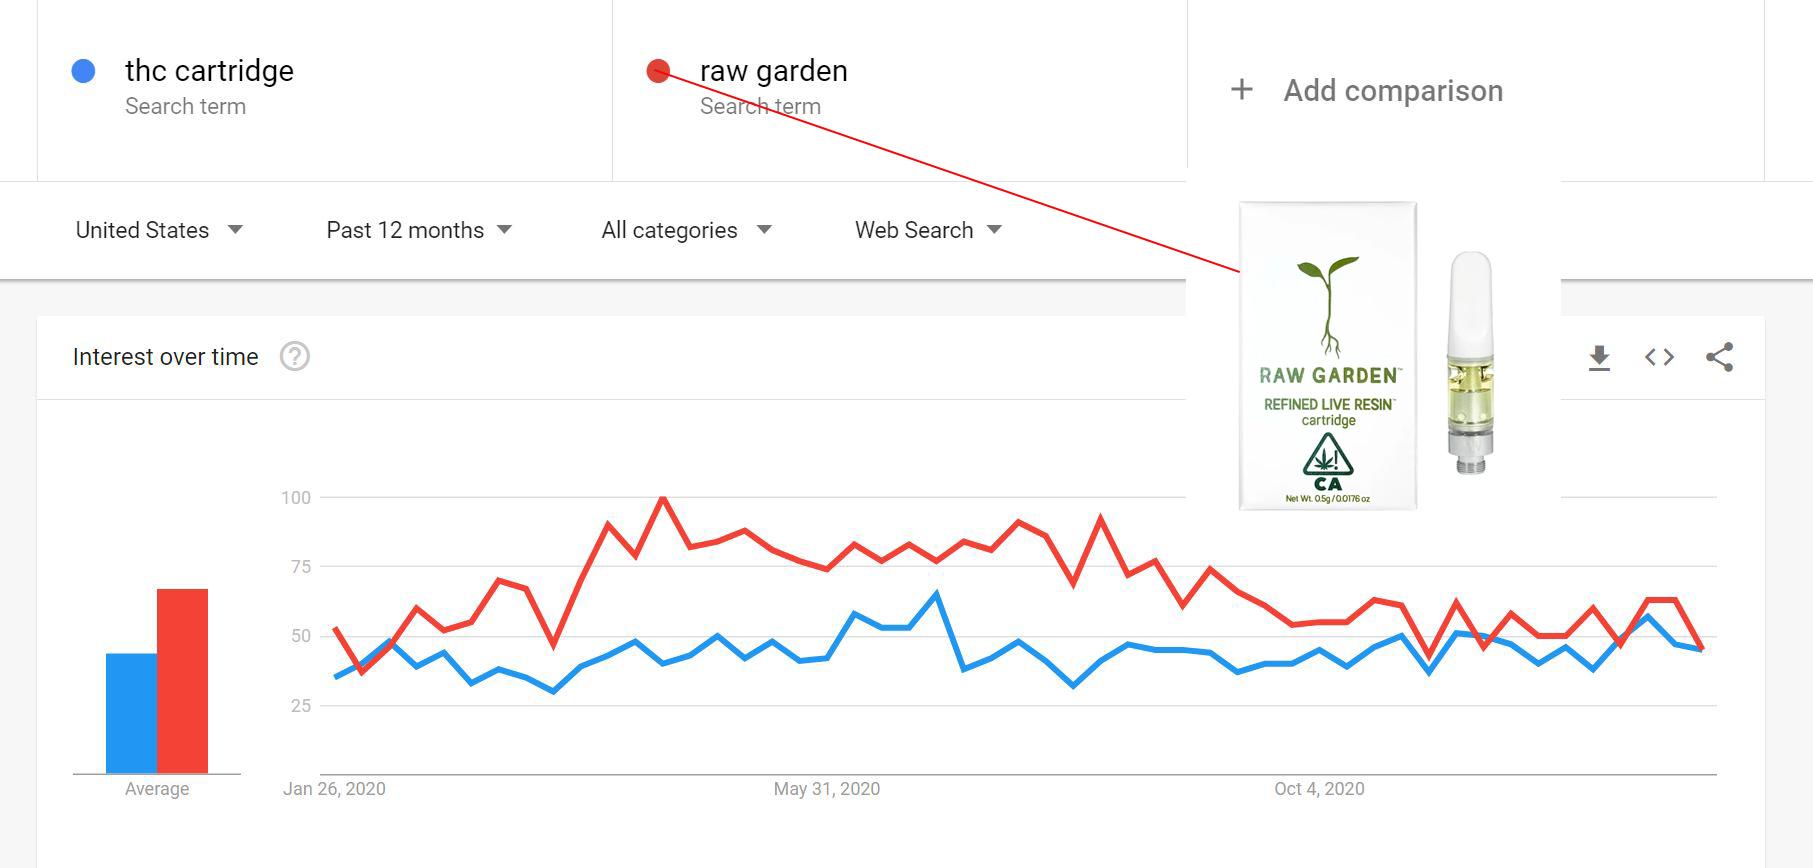 Raw garden data